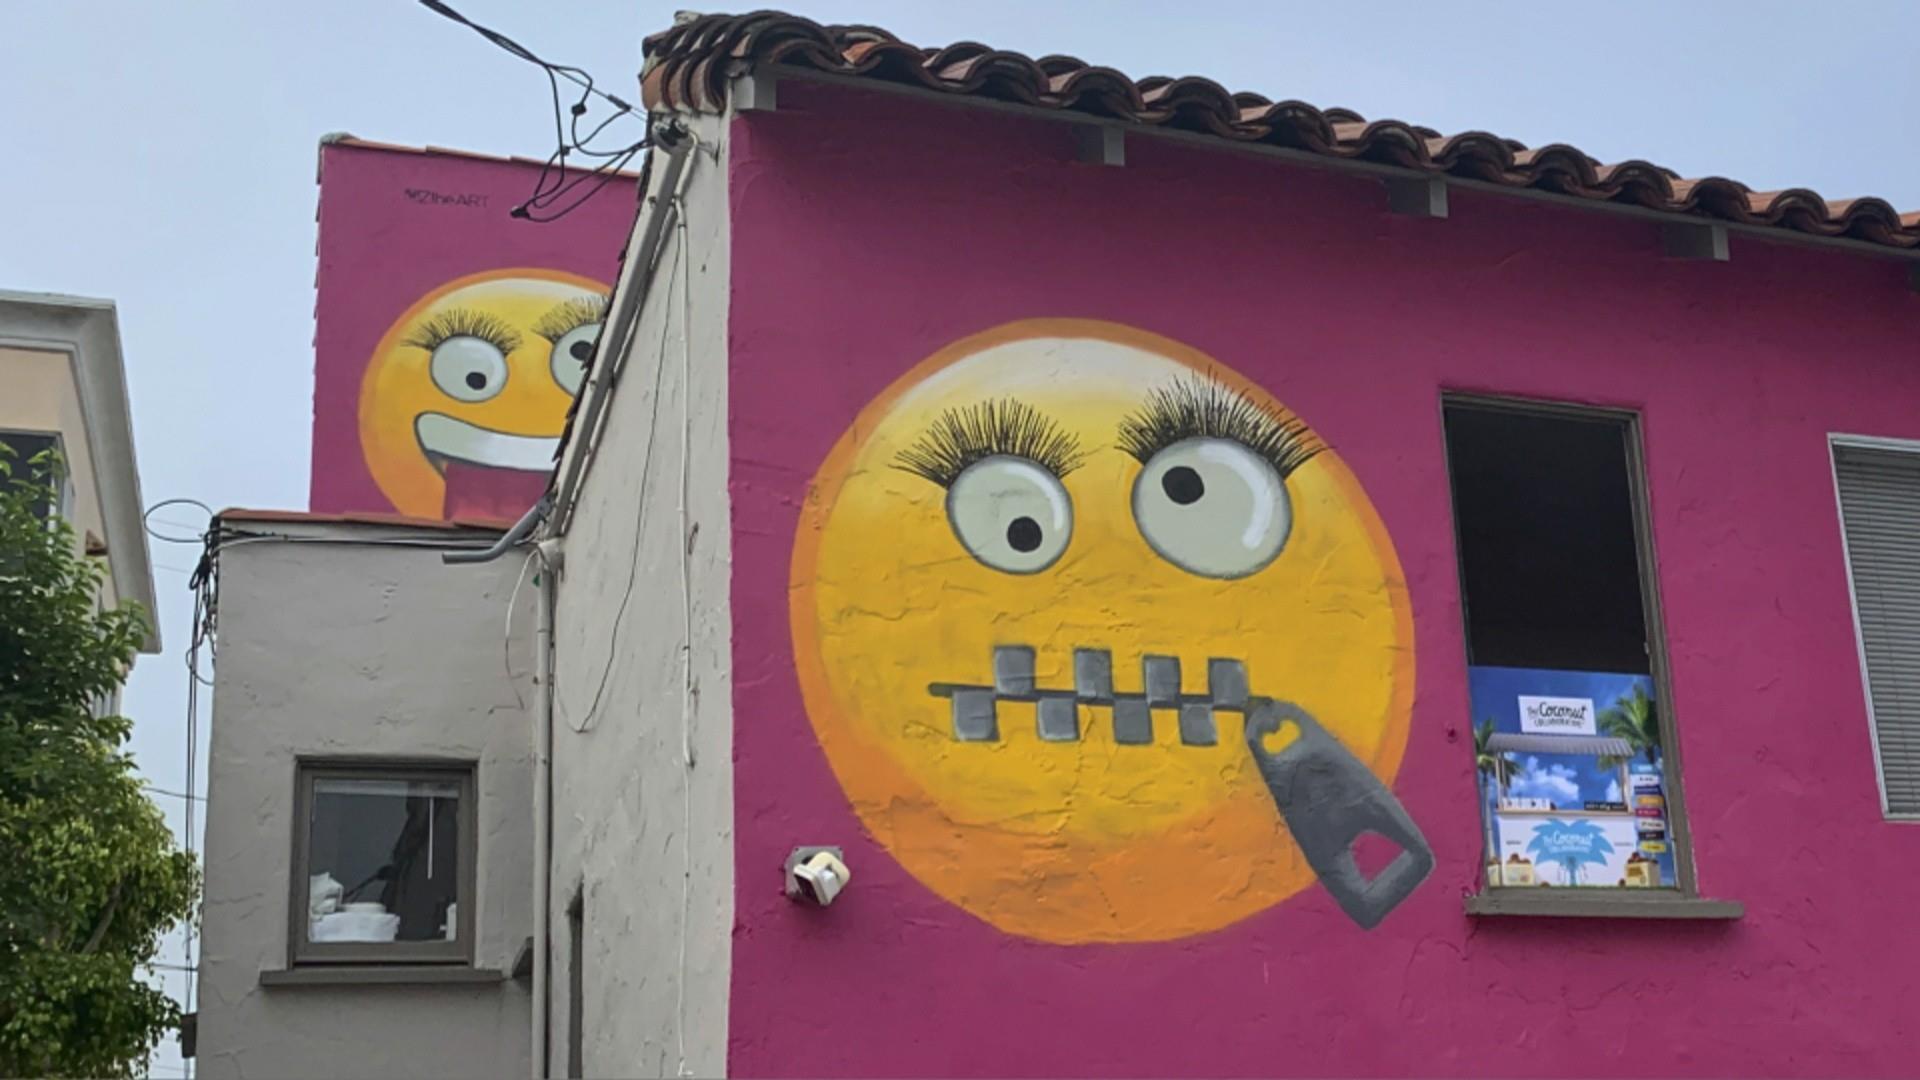 Hot pink 'emoji house' causes neighborhood uproar, debate